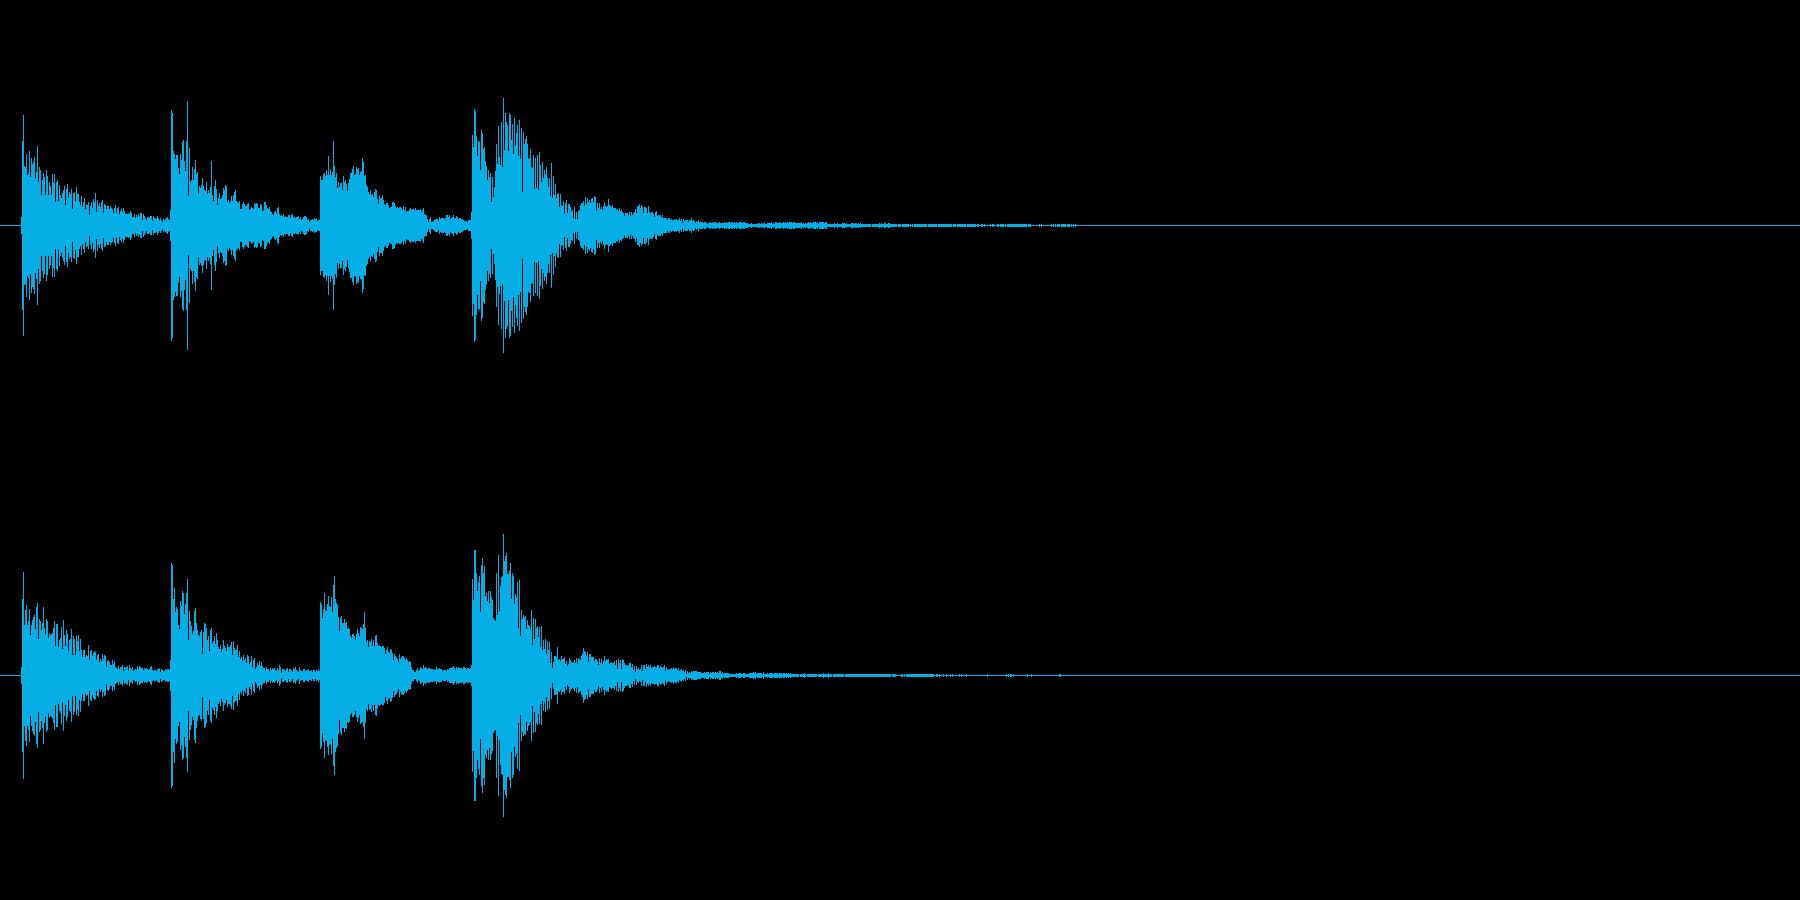 アフリカ民族楽器(チャイム風)の再生済みの波形